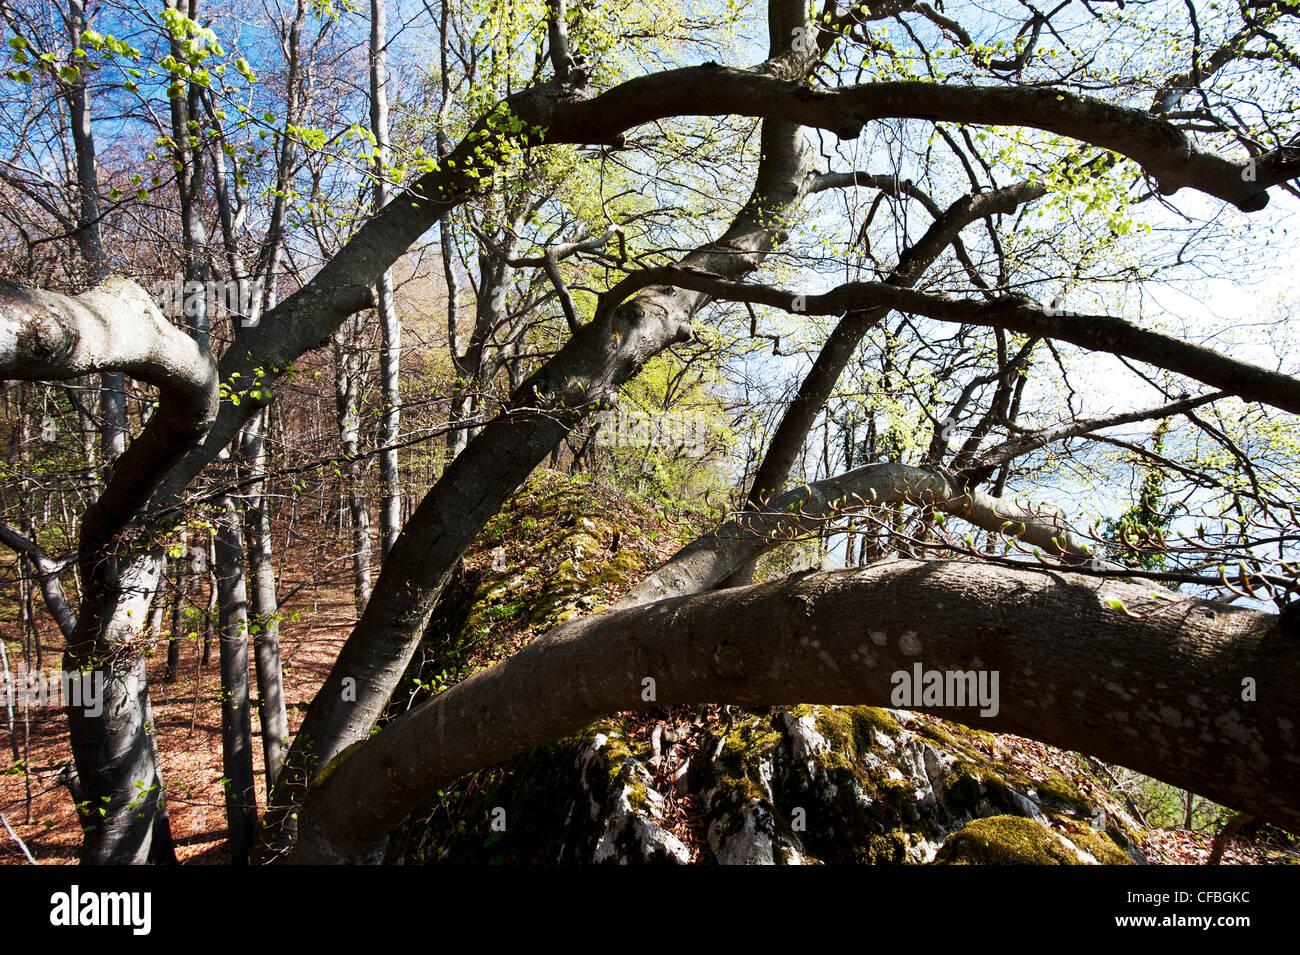 beech, beech forest, Fagus, Fagus silvatica, spring, Jura, canton Bern, nature, natural forest, forest reserve, - Stock Image